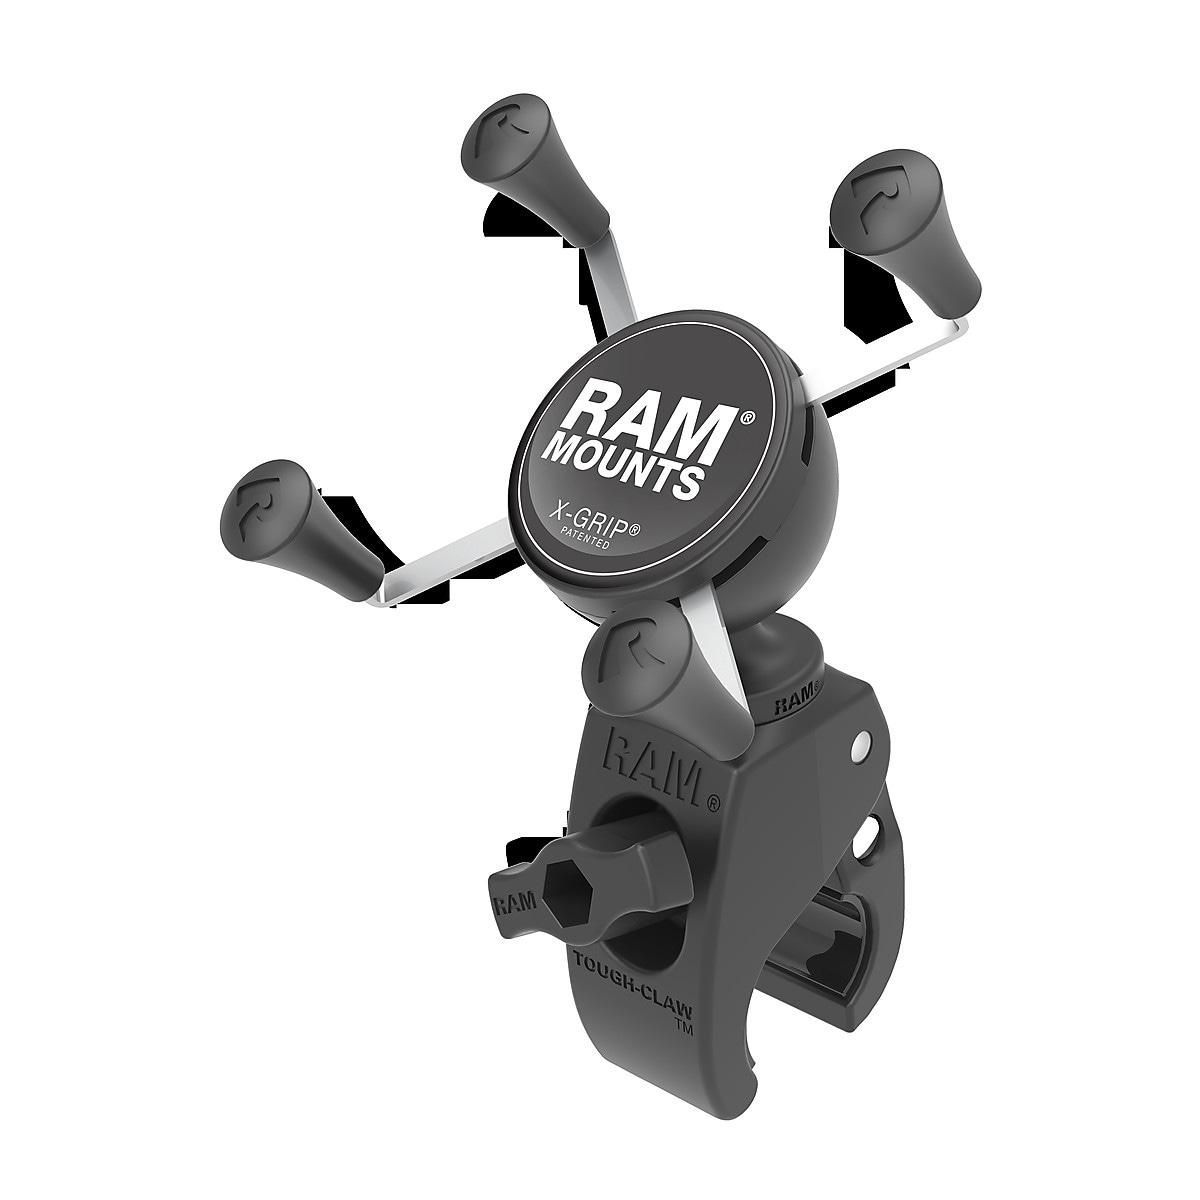 Putkikiinnike ohjaustankoon Ram Mounts X-grip/Tough-Claw